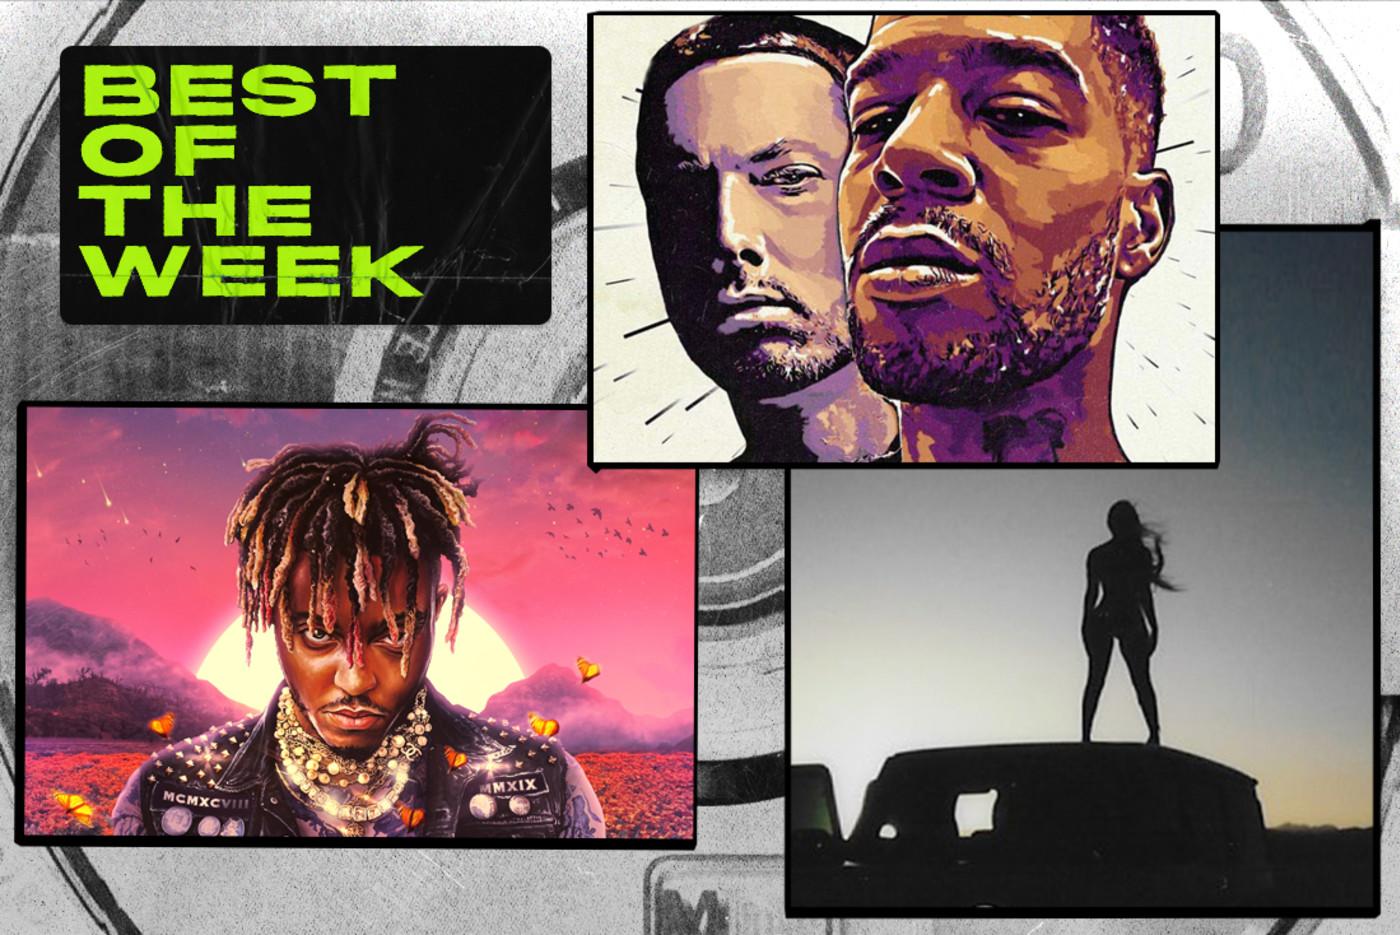 best-new-music-this-week-juice-wrld-kid-cudi